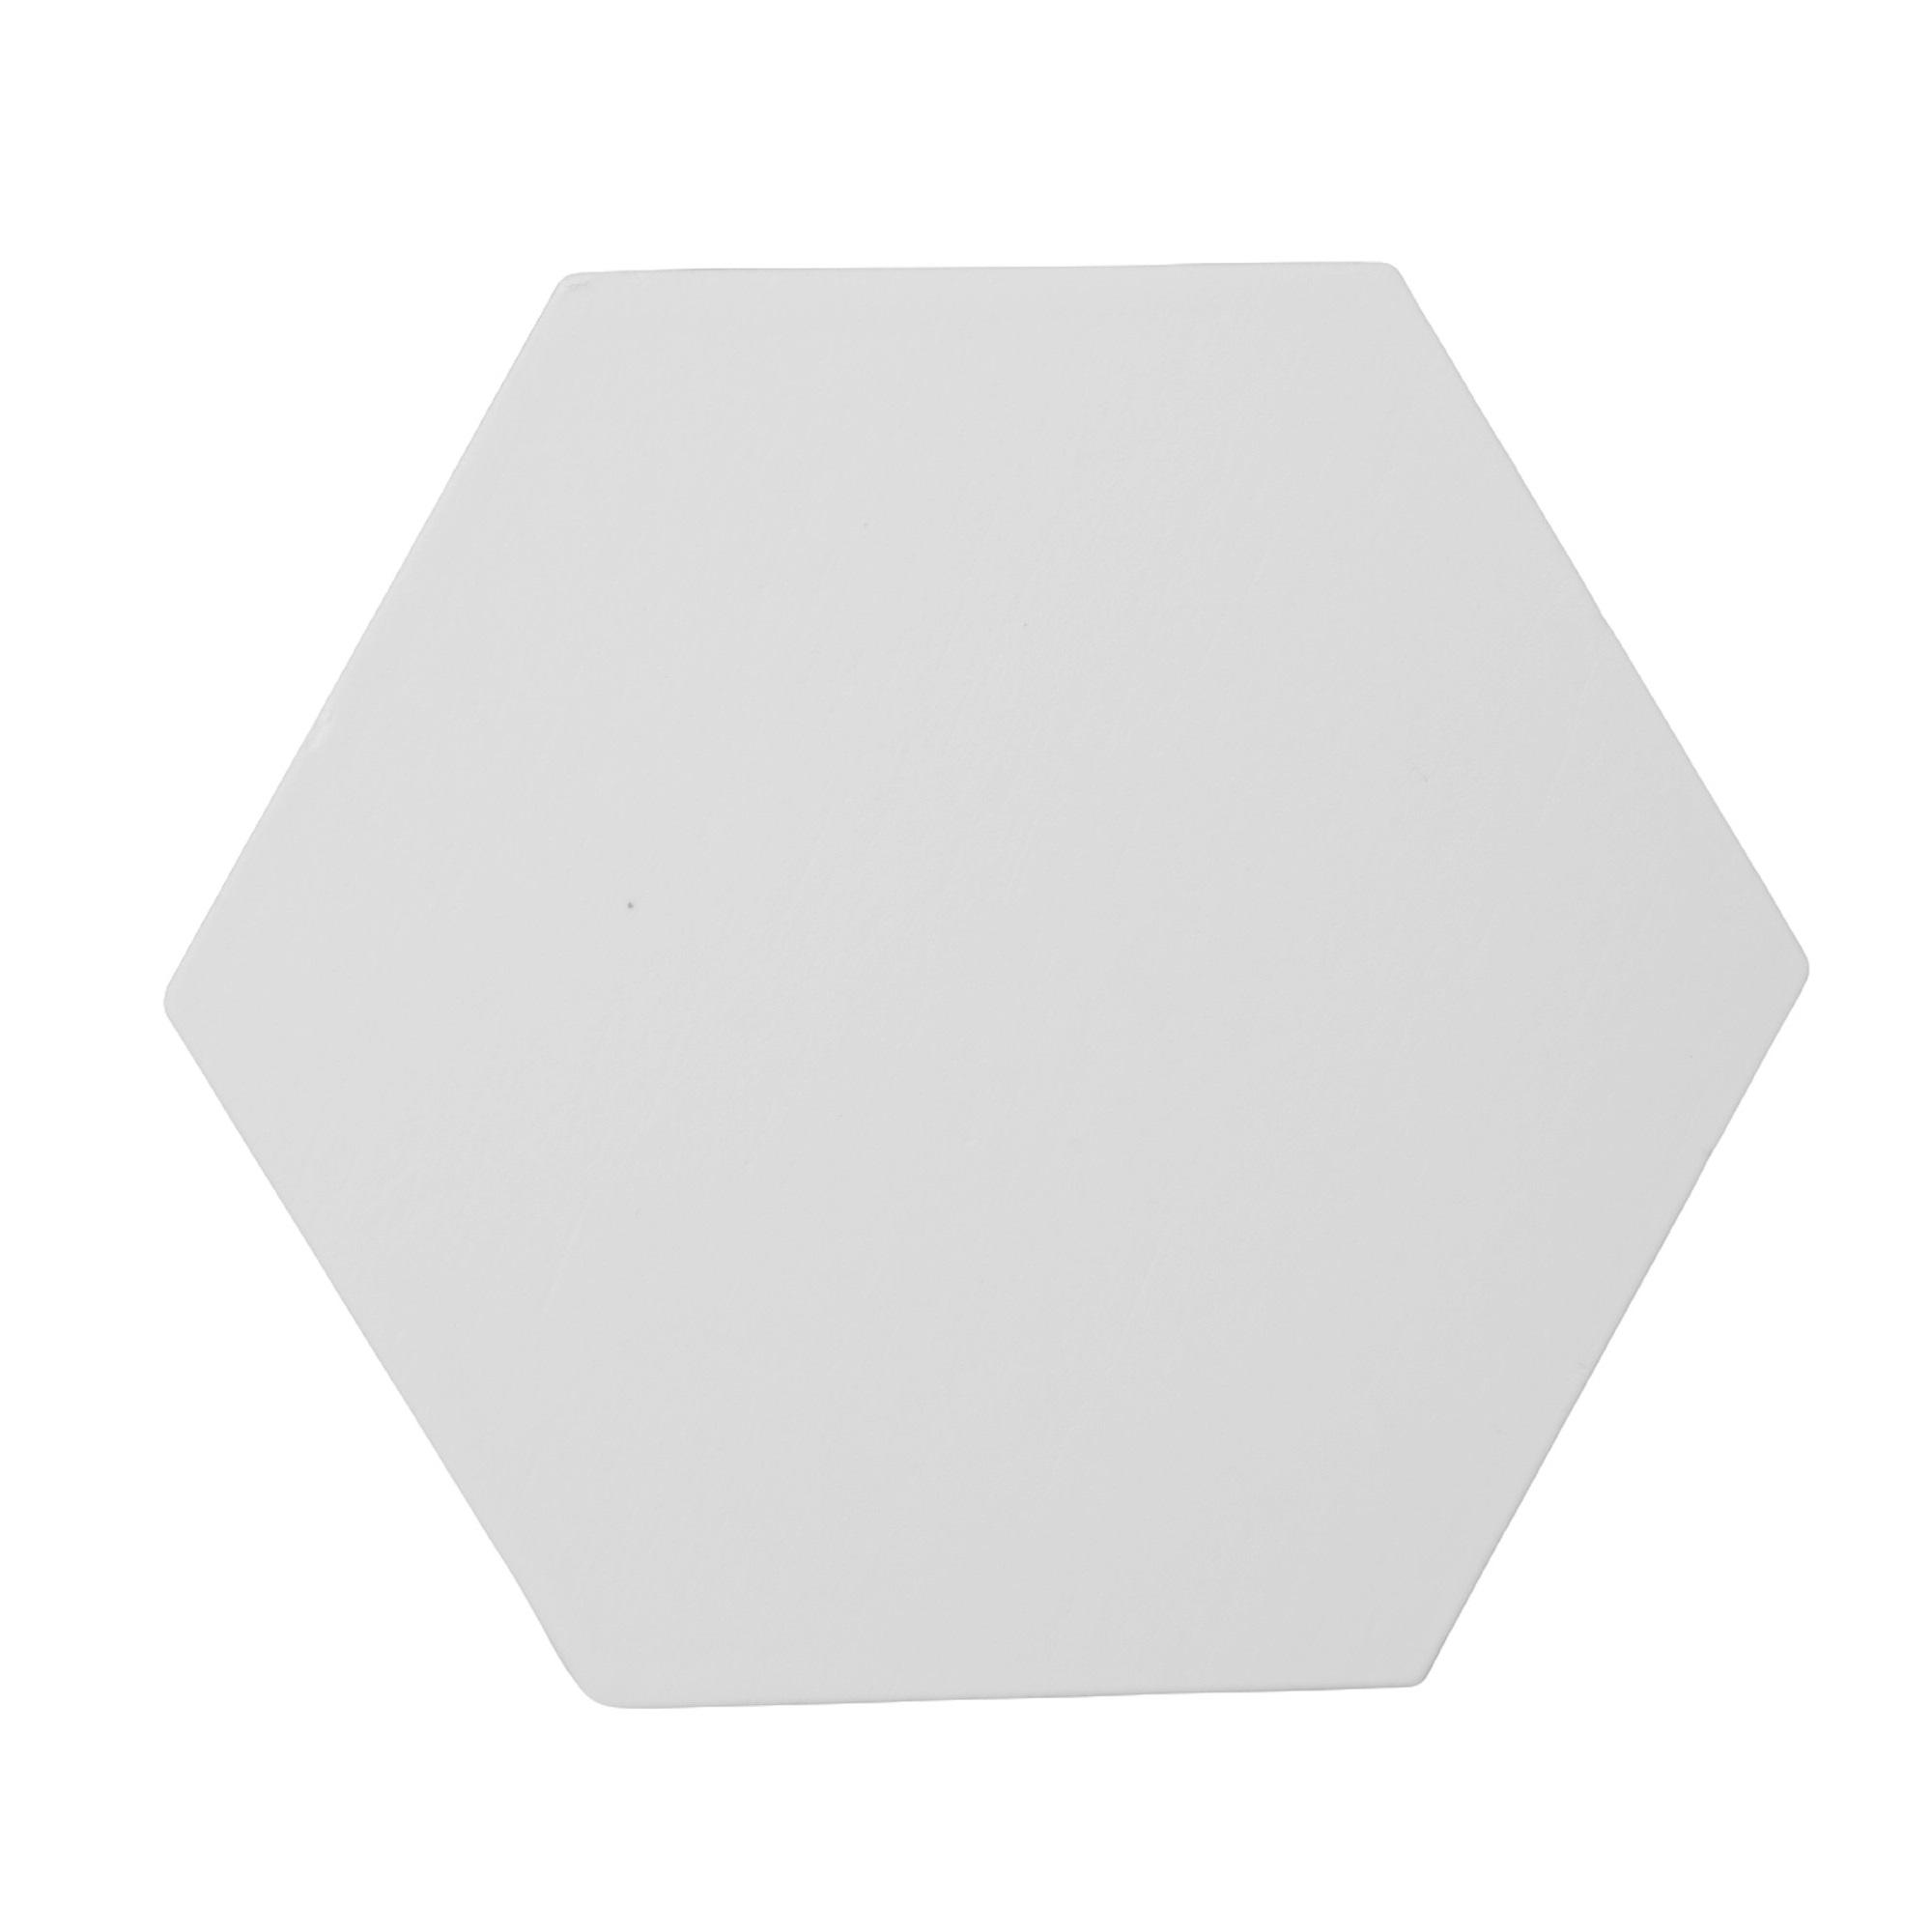 Gancho de madeira Hexágono branco